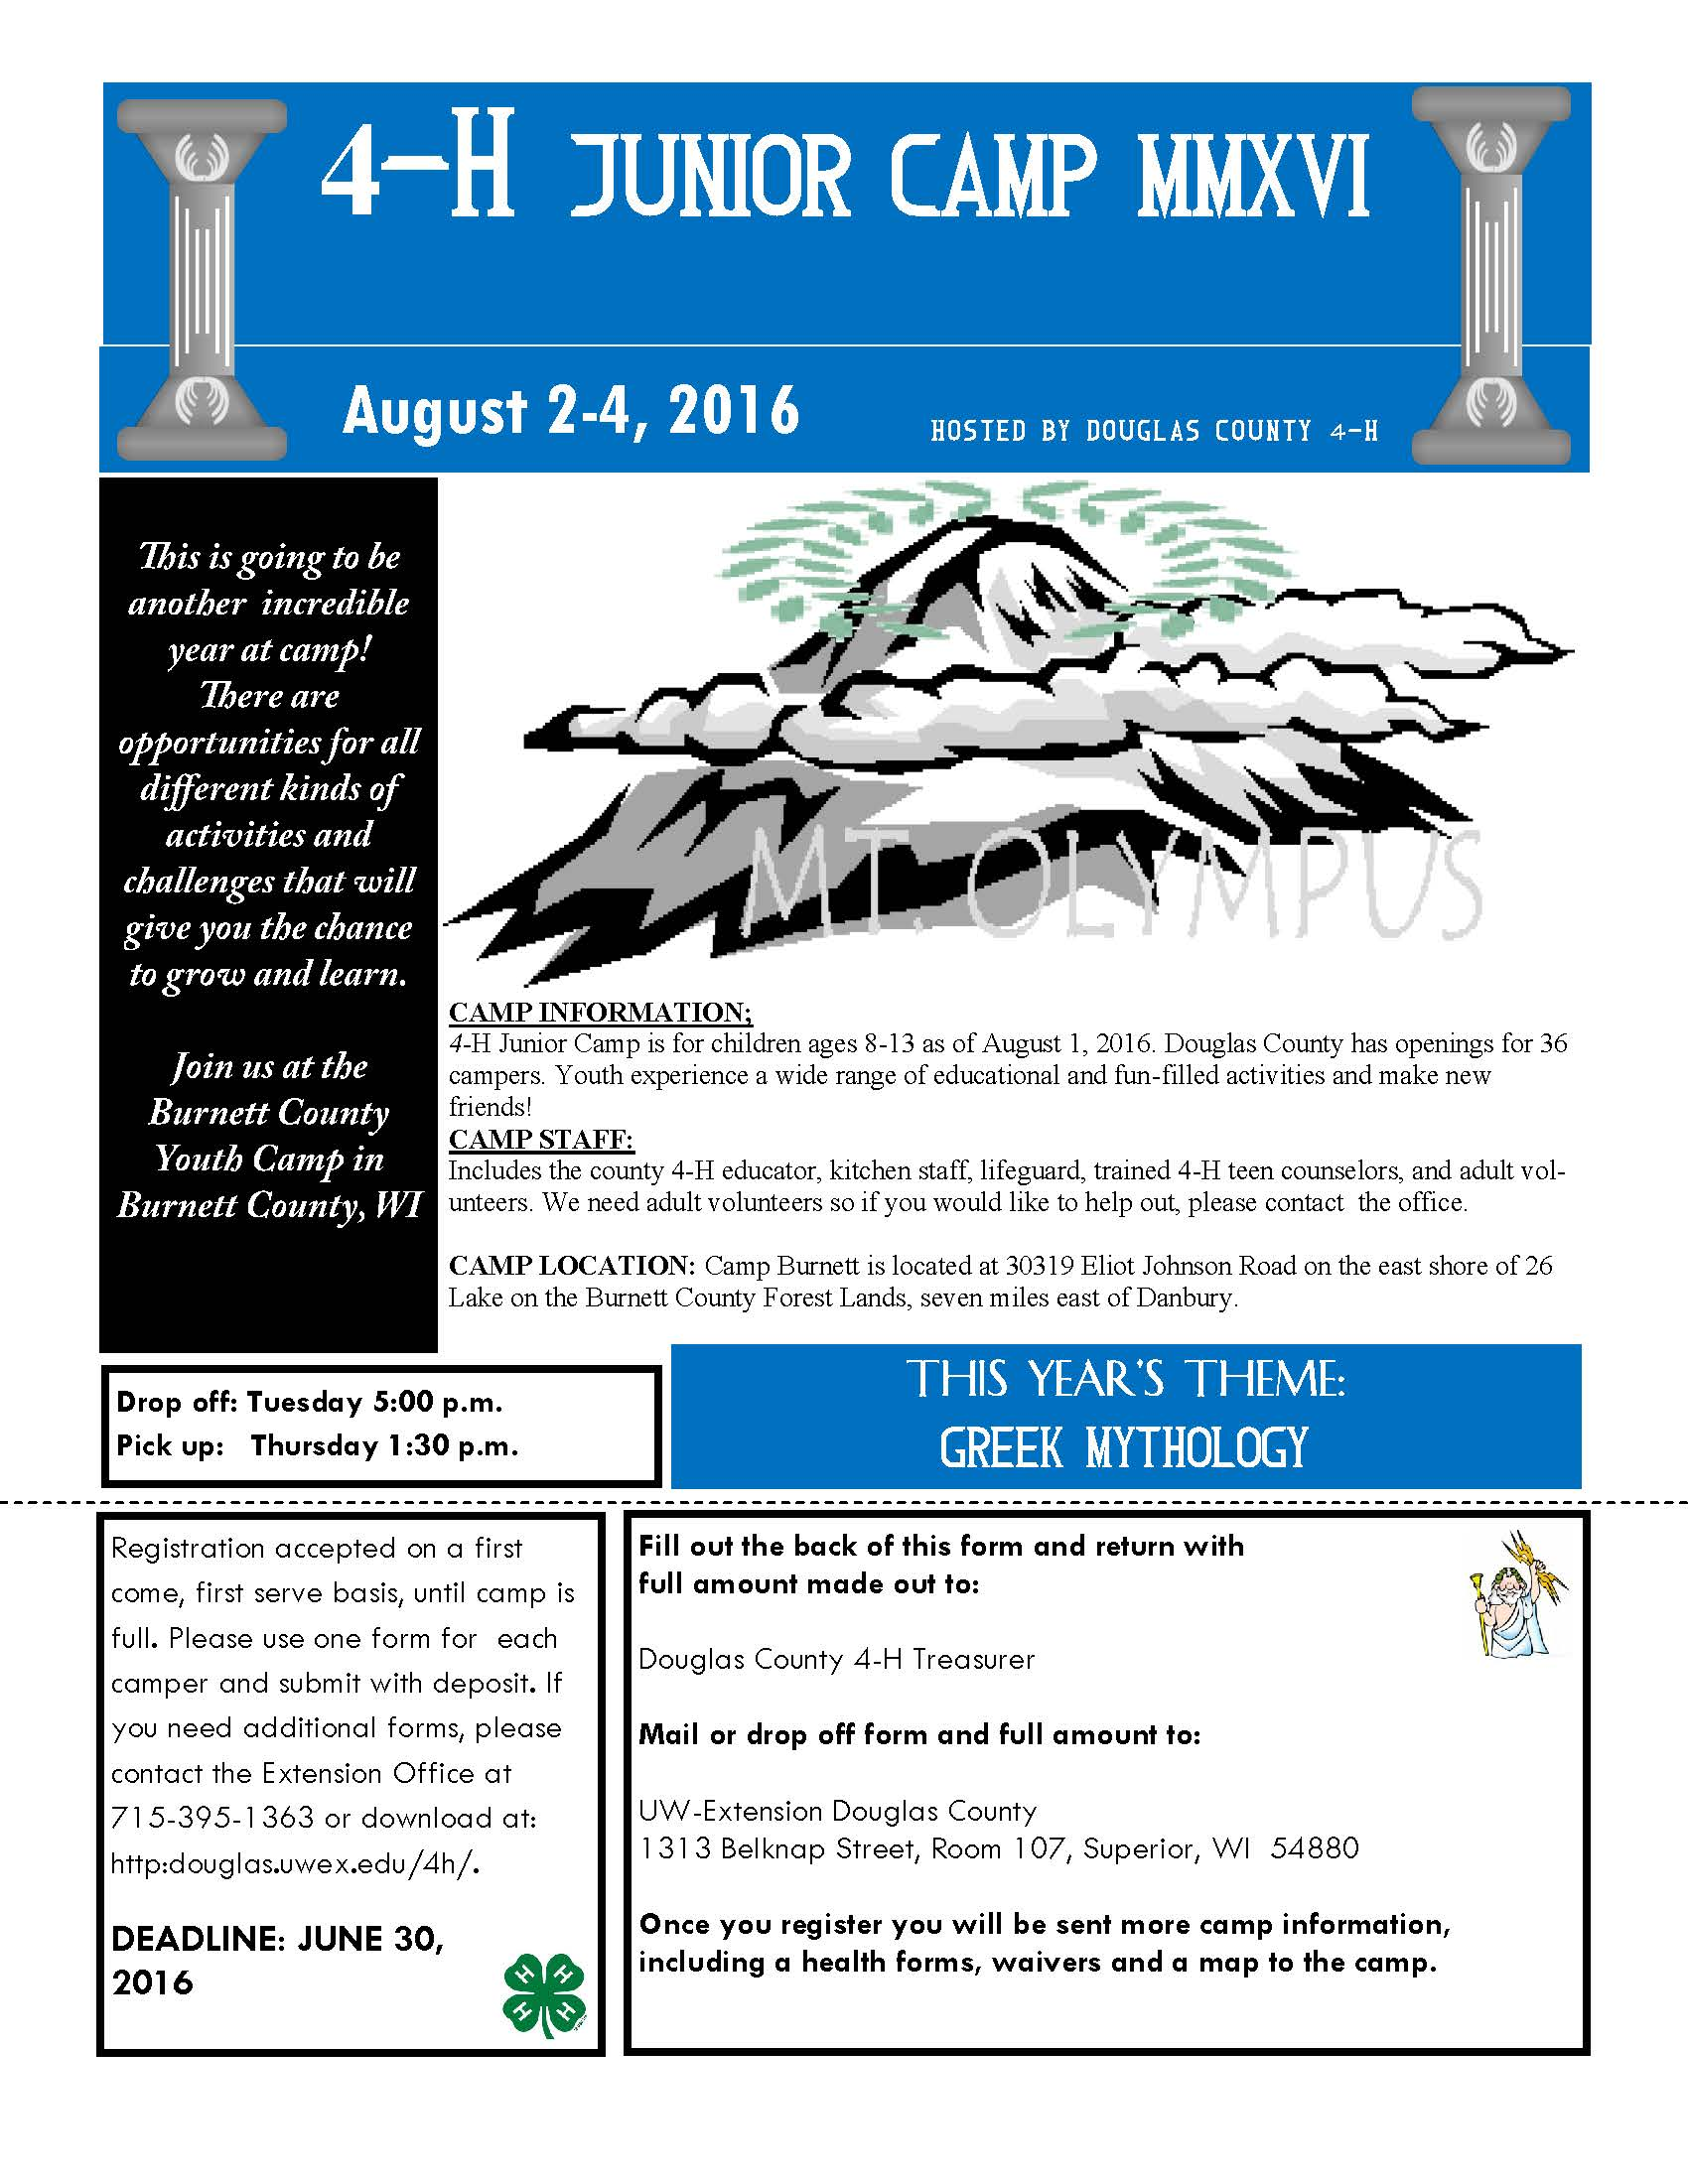 Jr Camp Greek Mythology Flyer 2016_Page_1